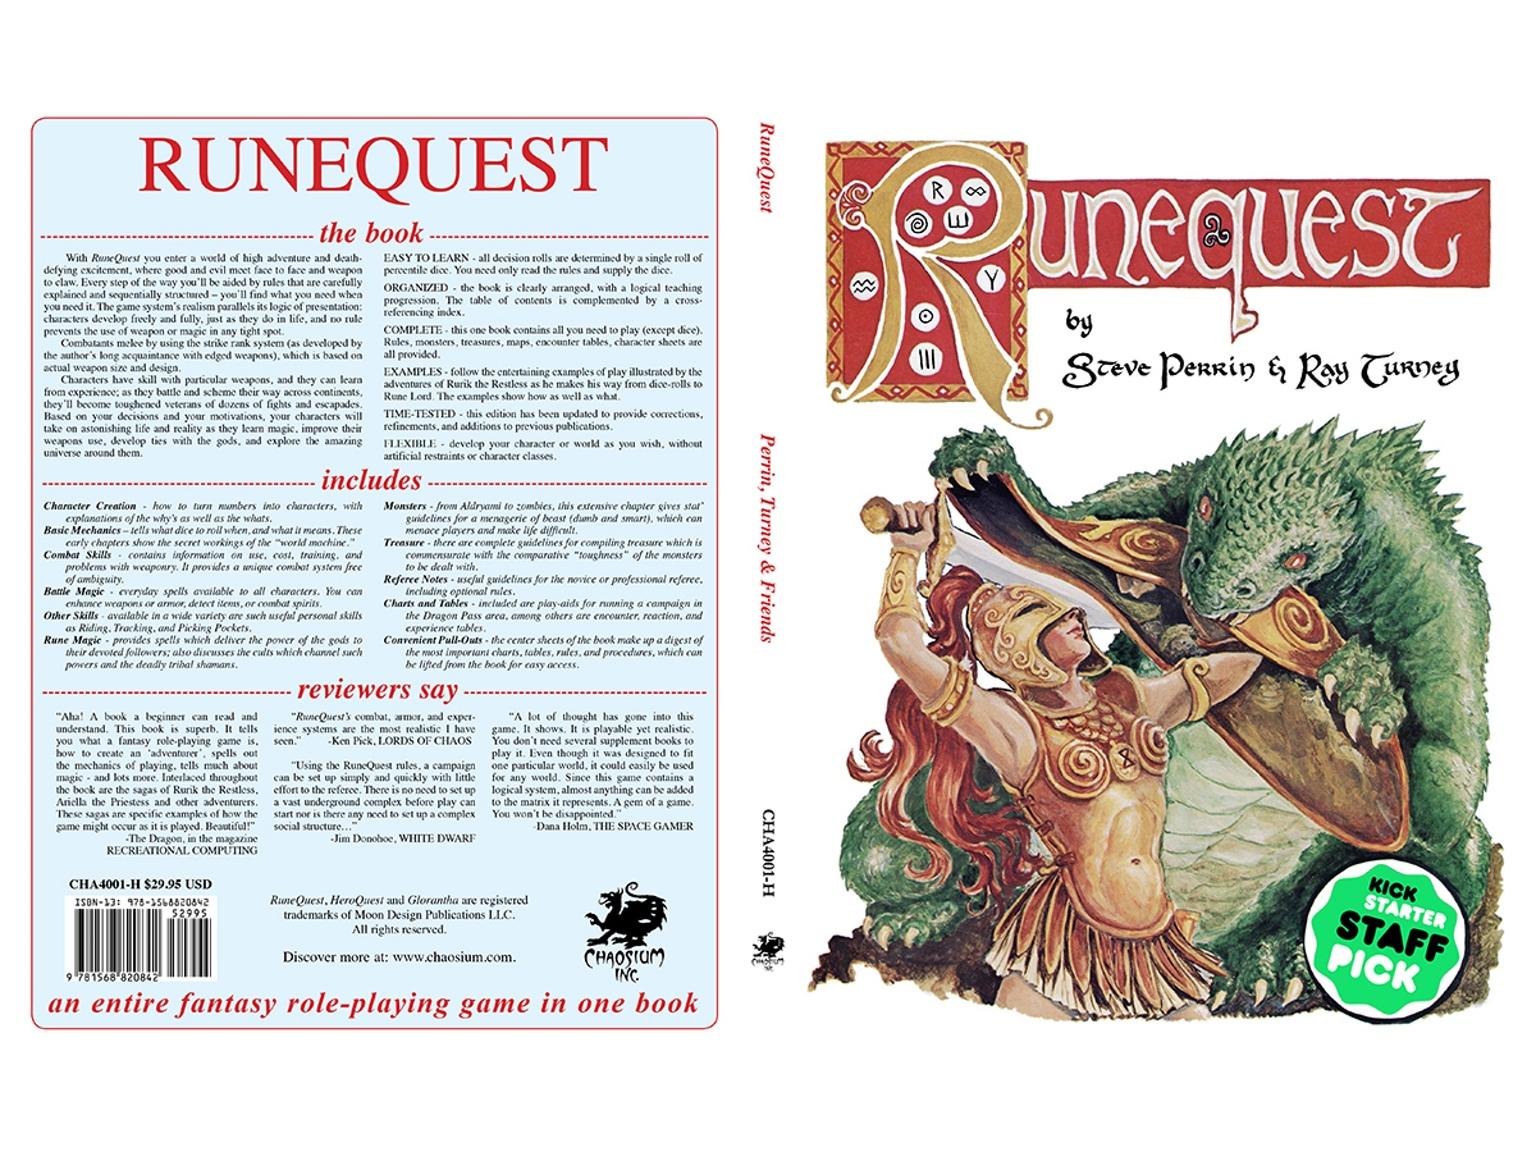 runequest2-full-cover.jpg